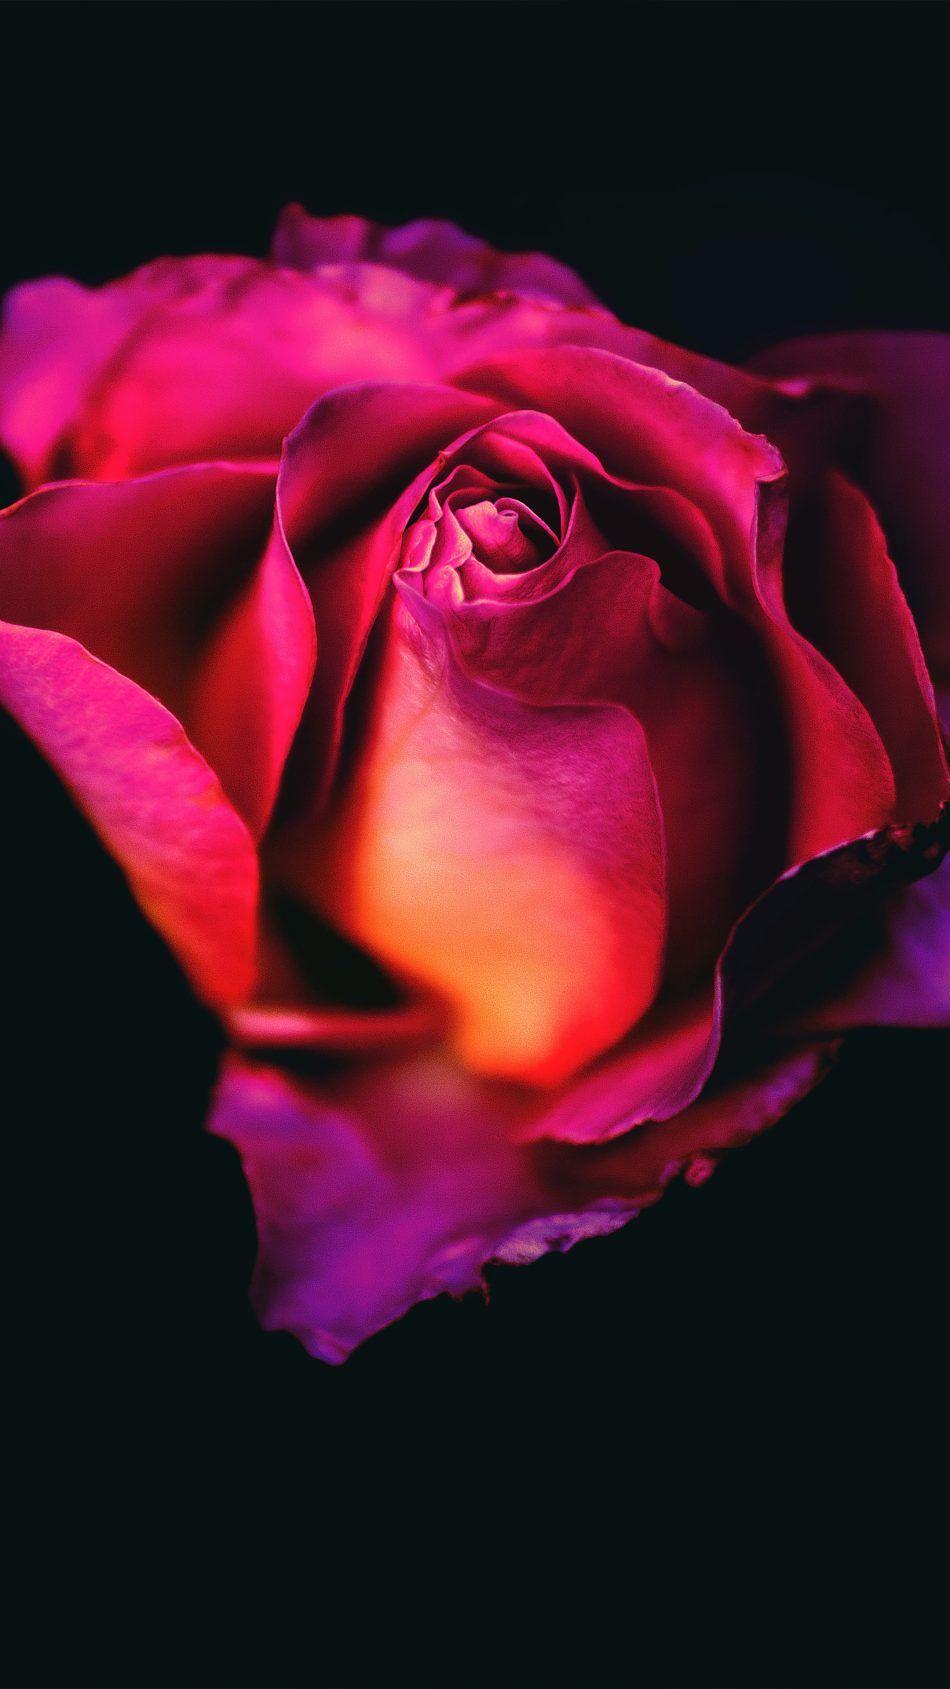 Cute Rose Wallpapers Mobile